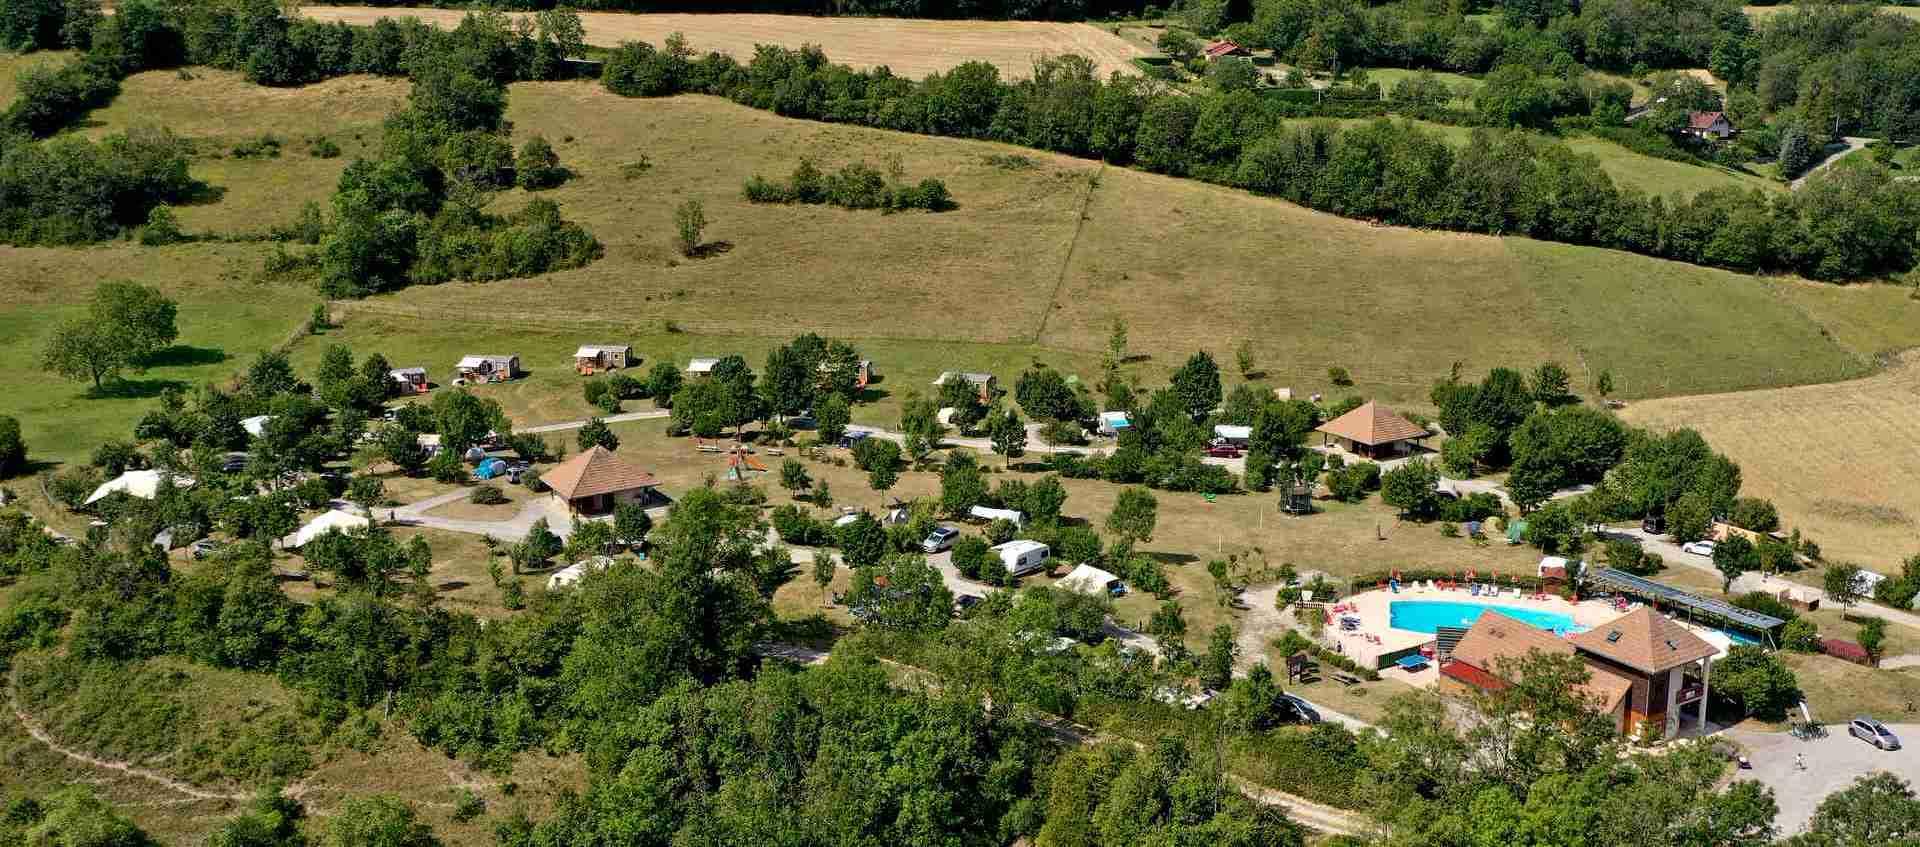 Le camping Belle Roche à Lalley, en Trièves